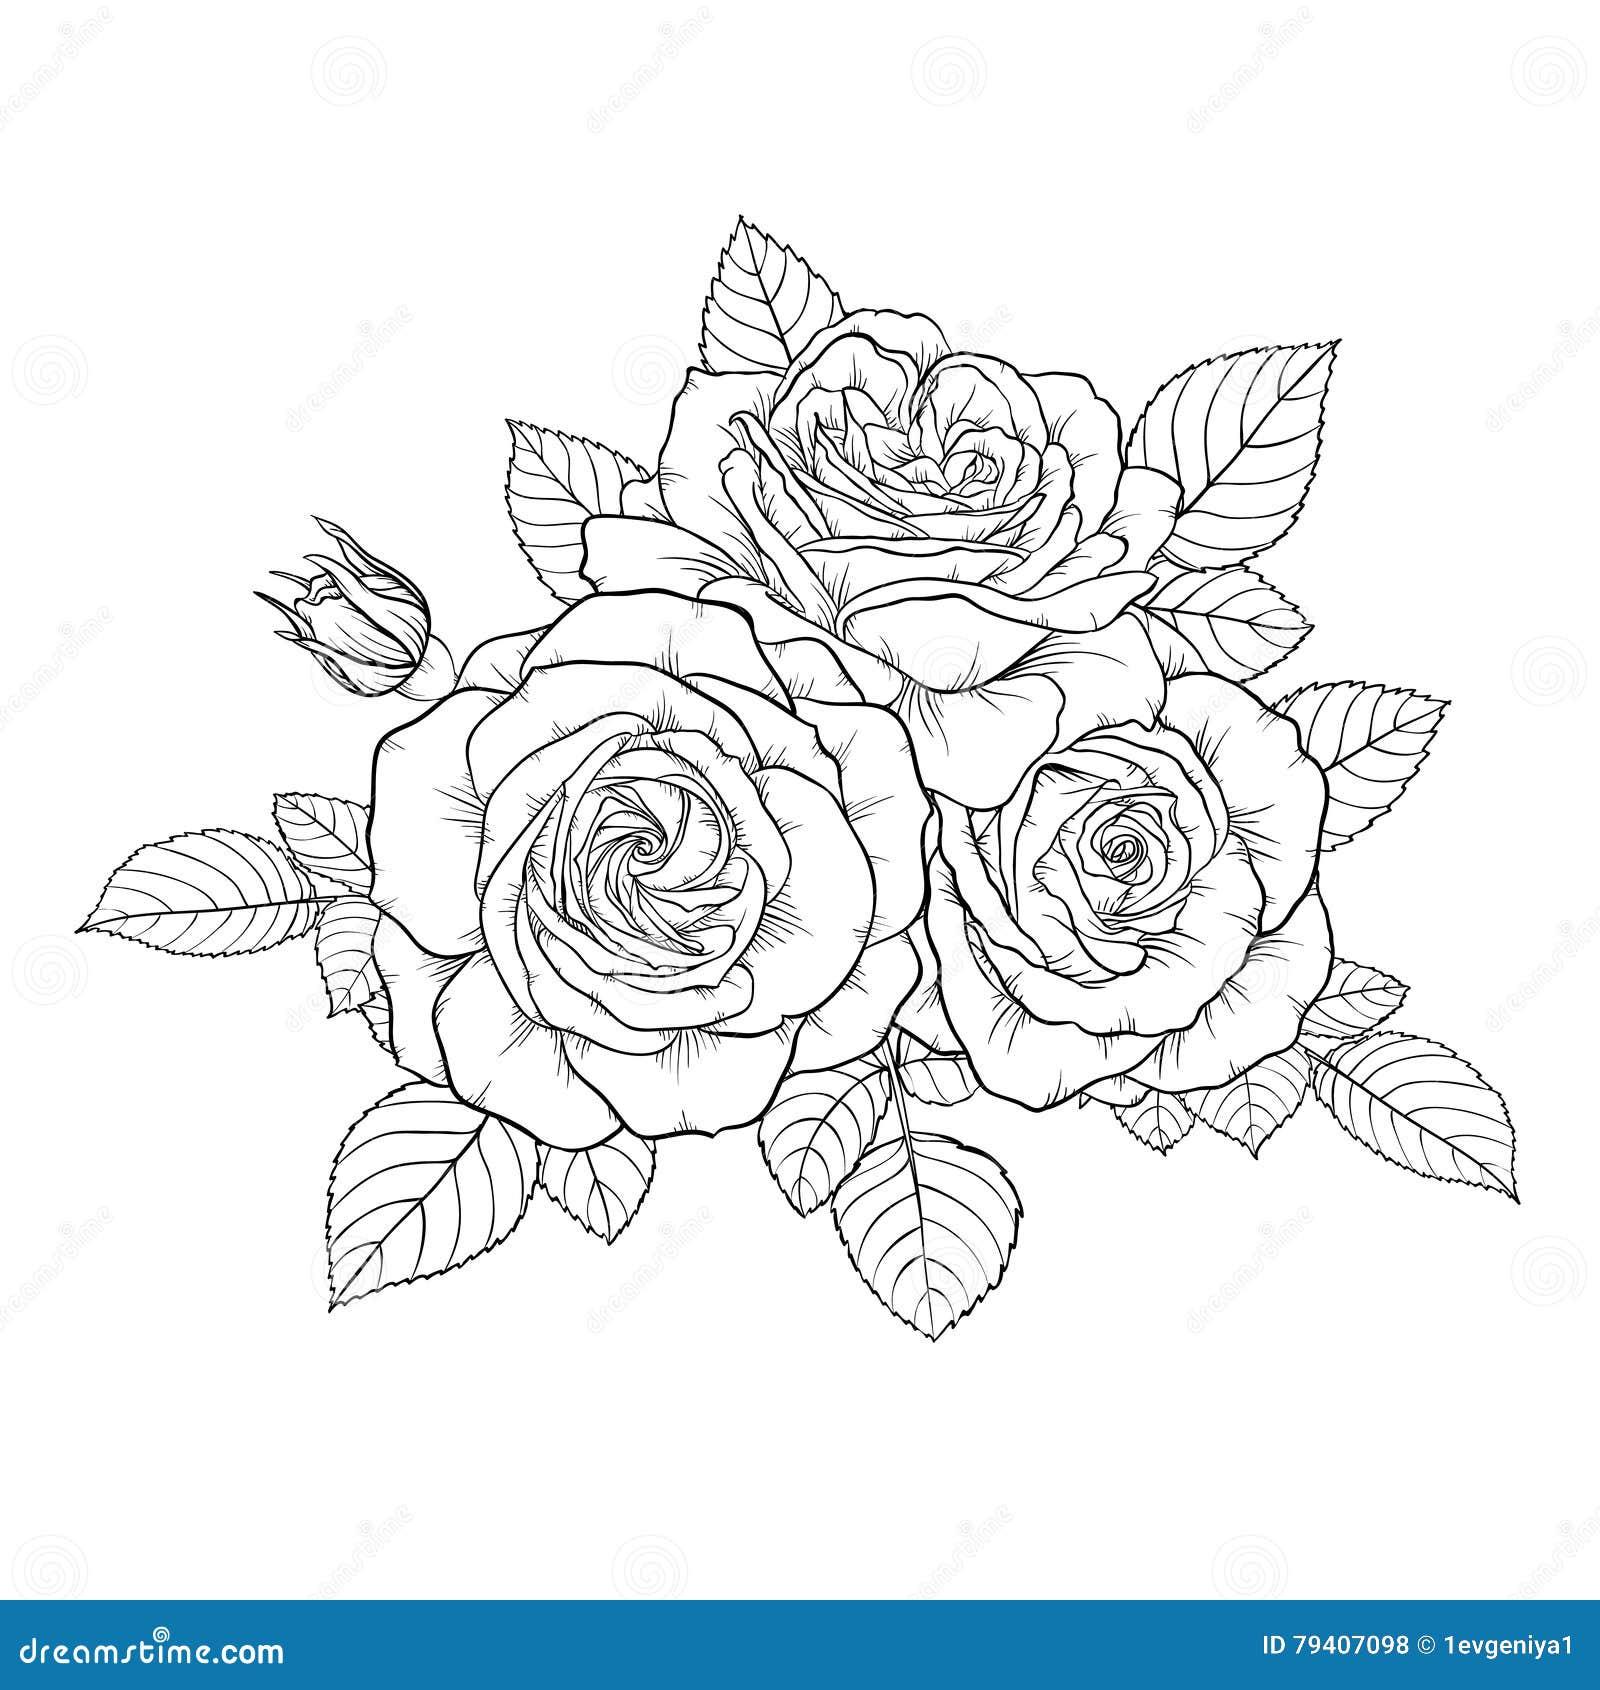 Rosa Blanco Y Negro Monocromática Hermosa Del Ramo Aislada En Fondo